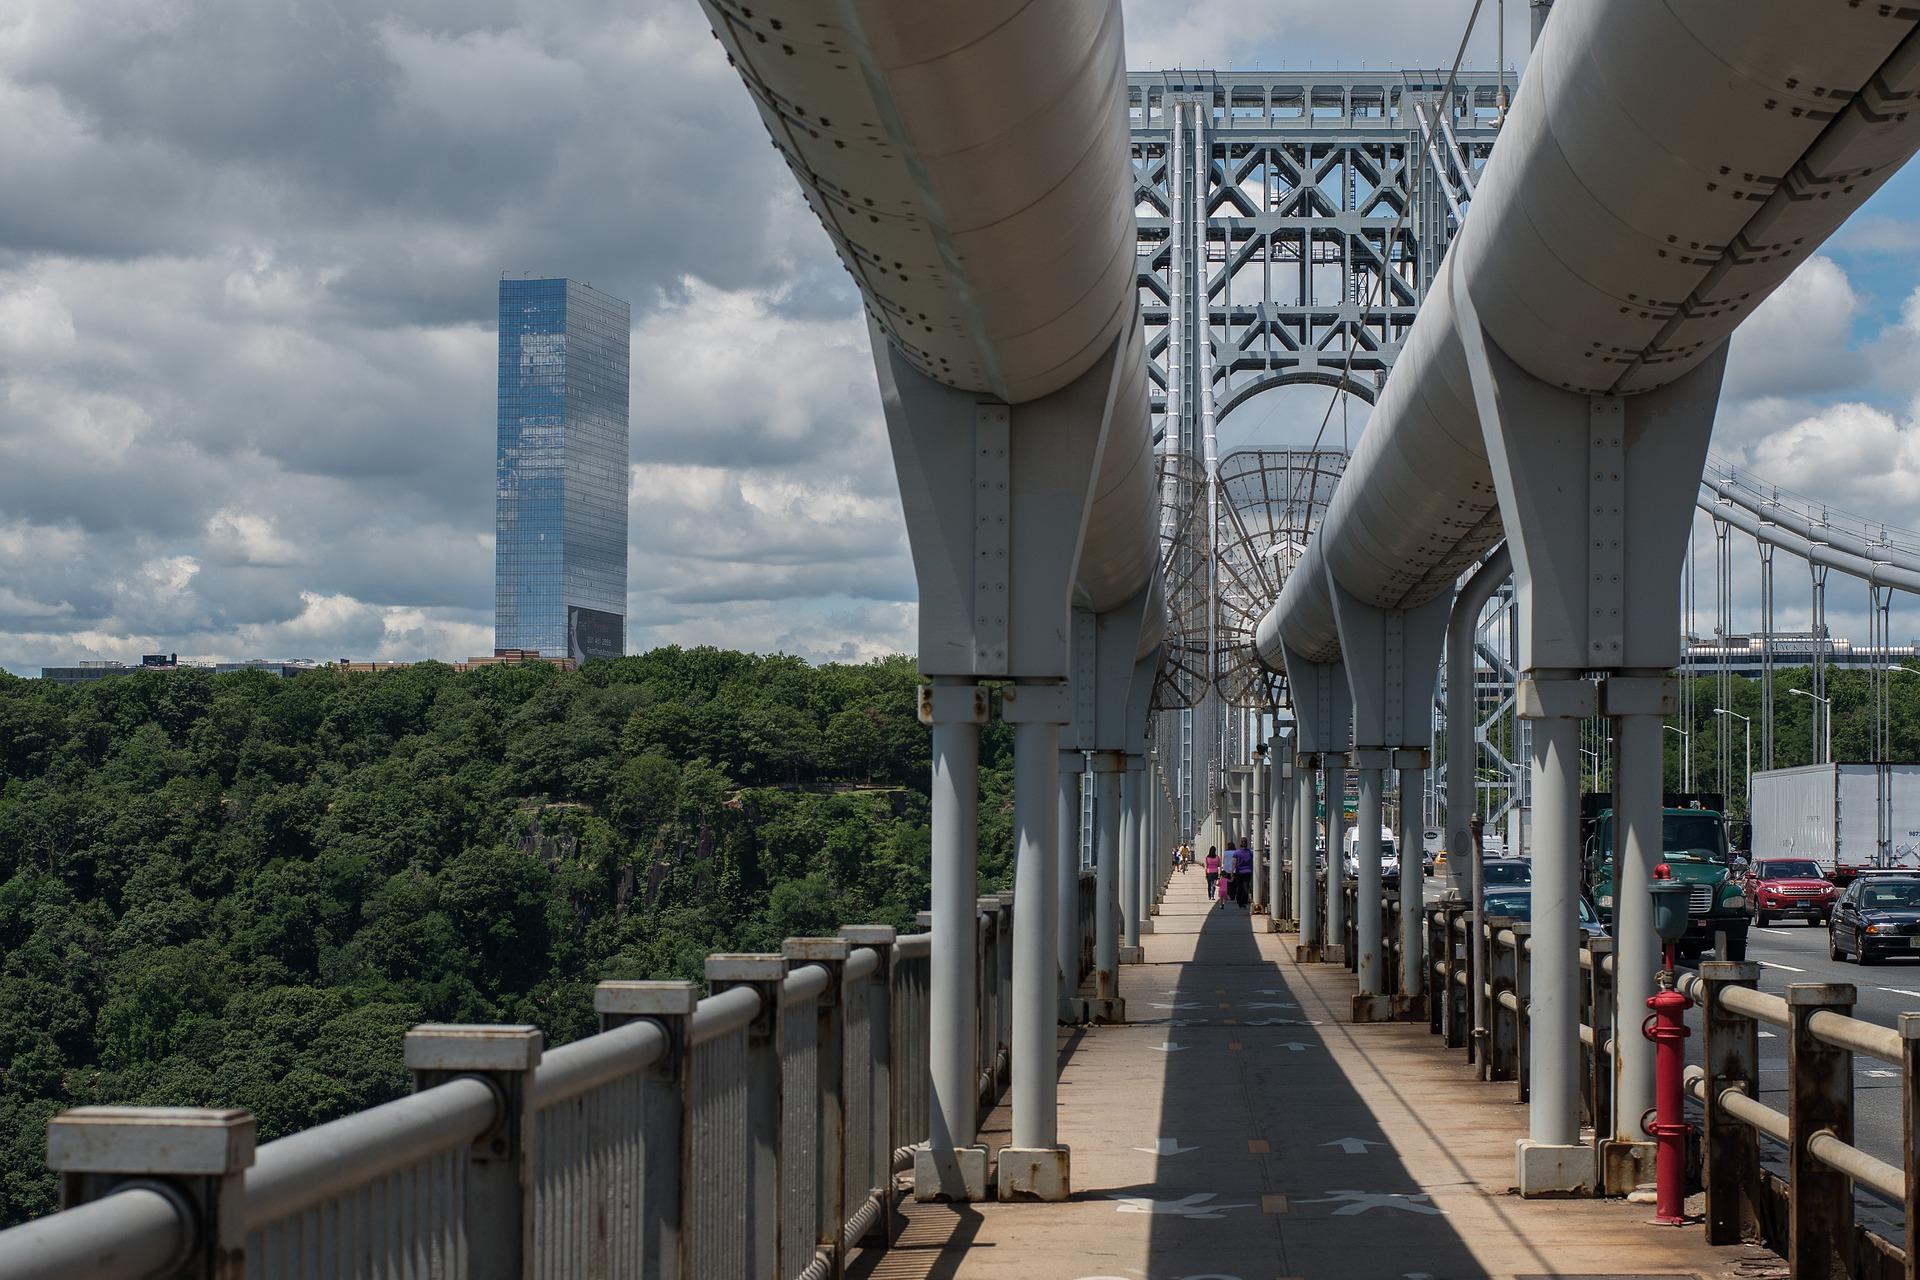 Bei ihrer Eröffnung im Jahre 1931 hatte die George Washington Bridge die grösste Spannweite der Welt.